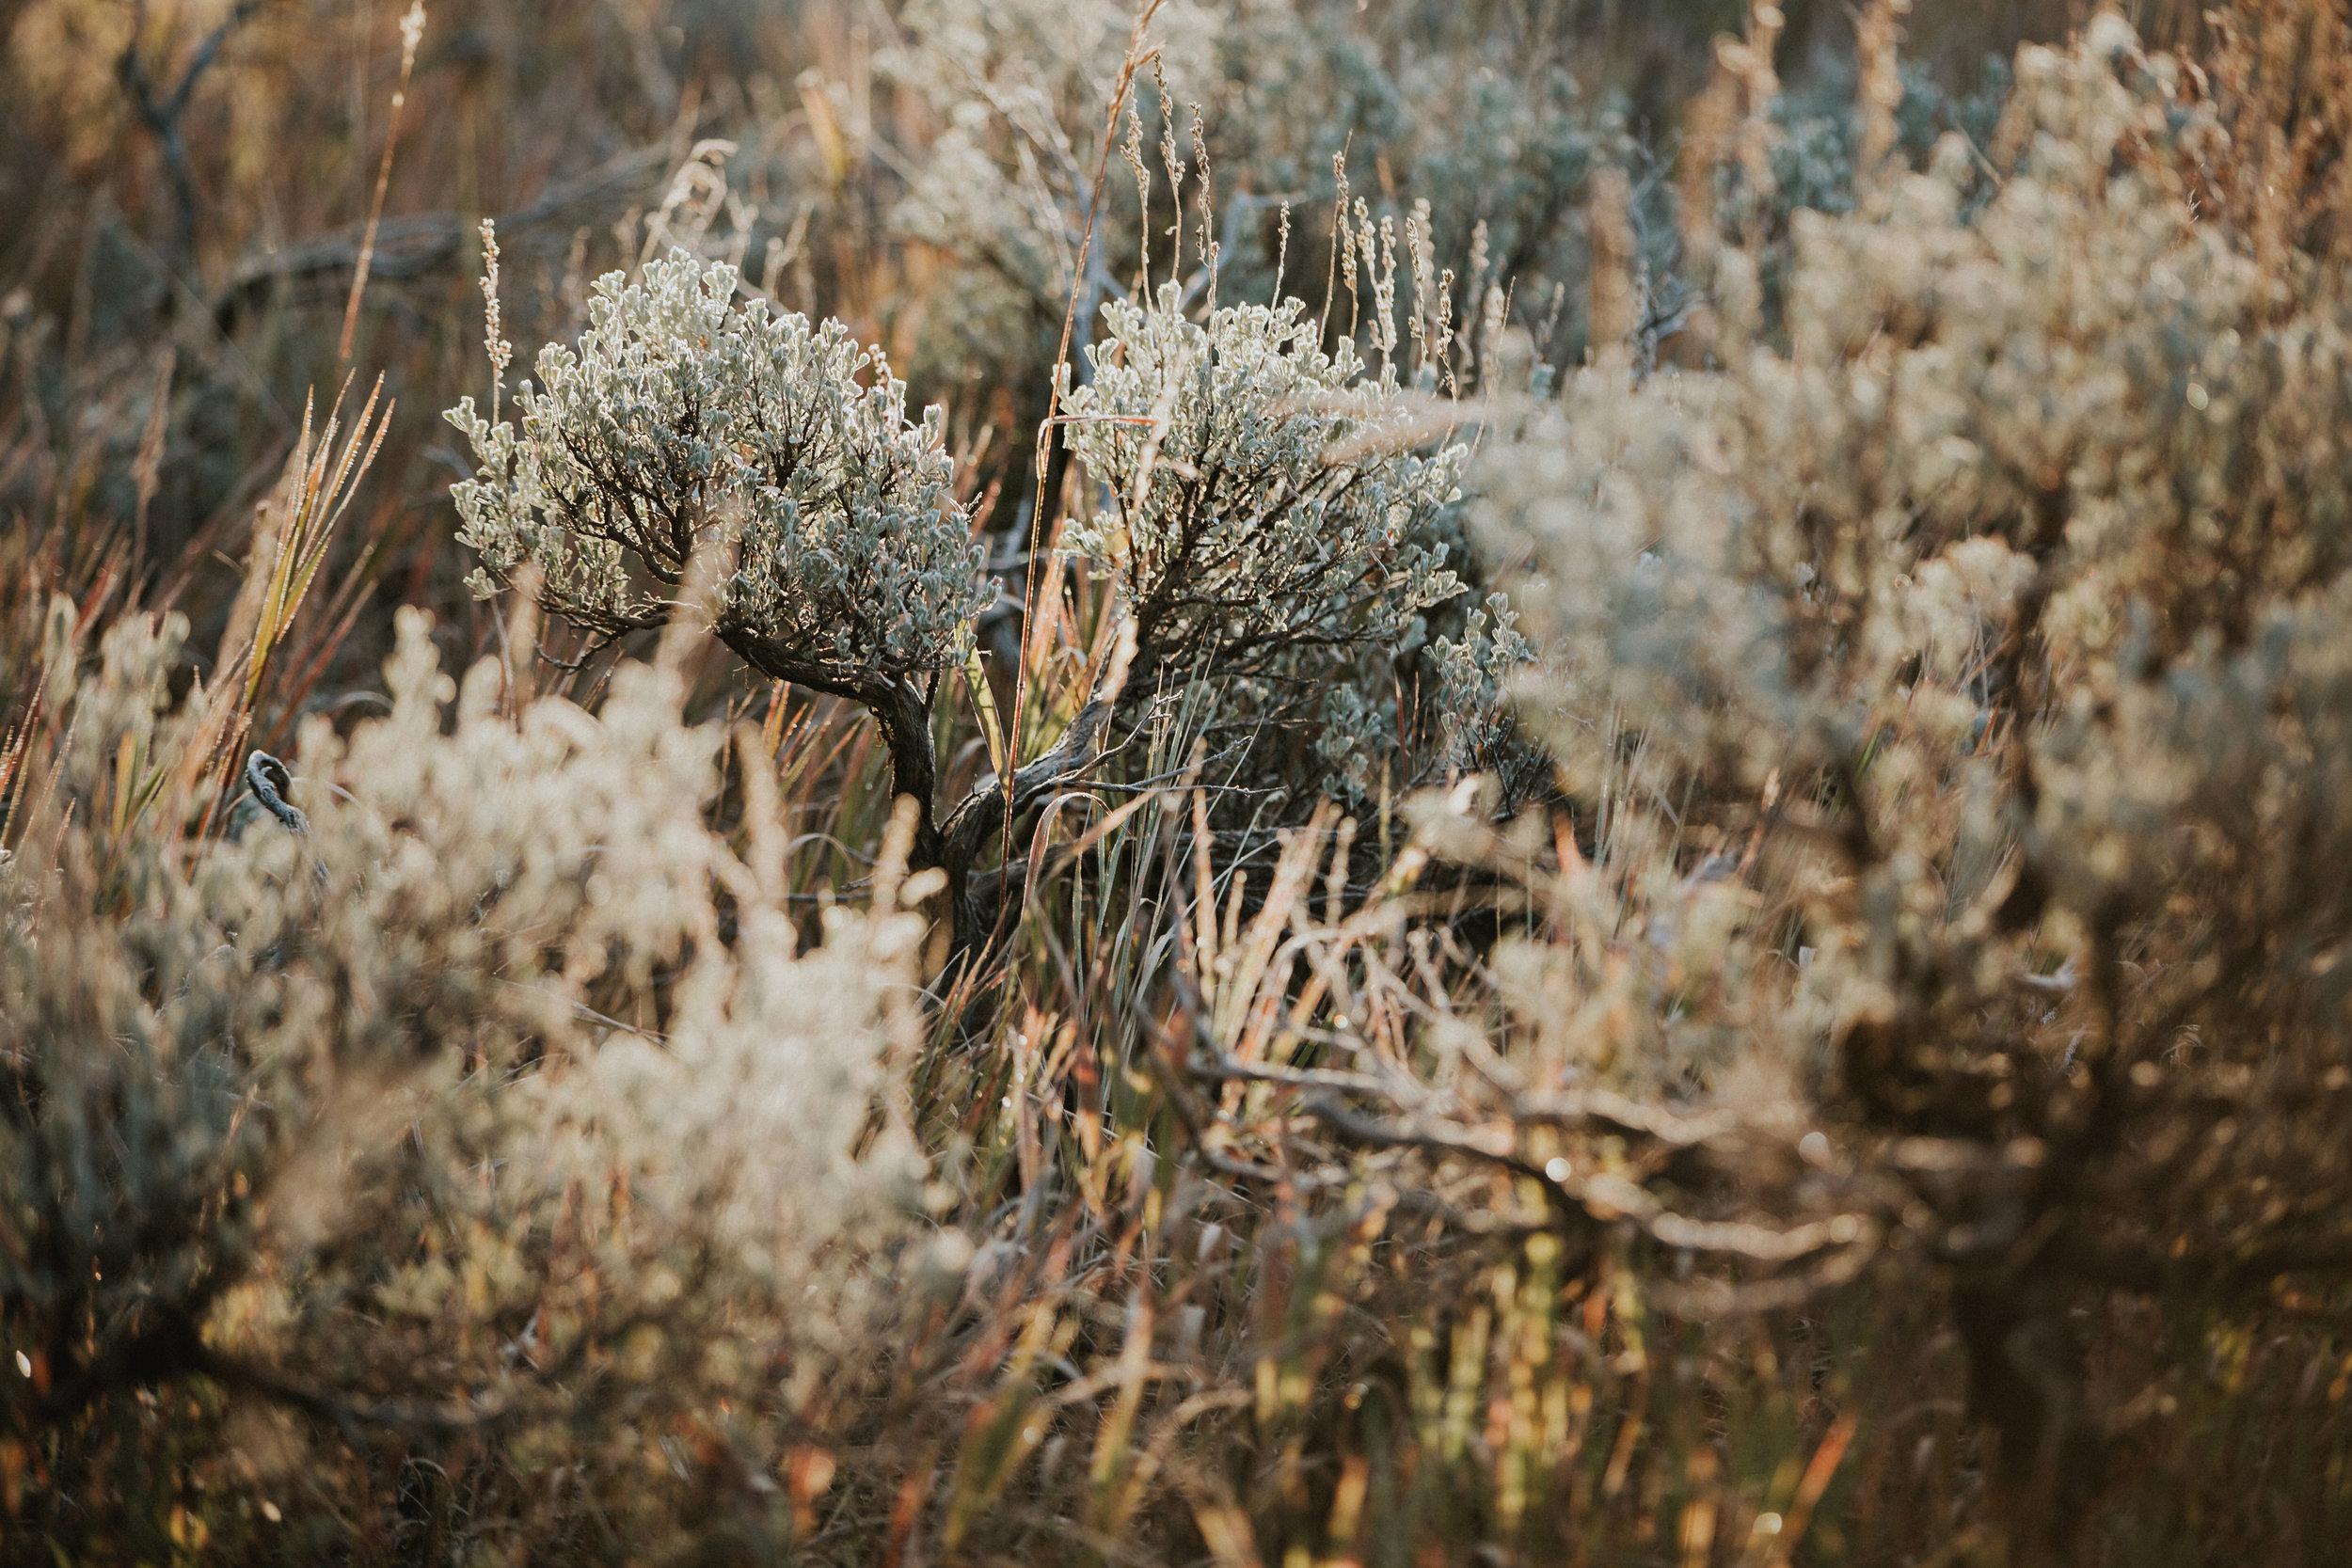 CindyGiovagnoli_Grand_Teton_National_Park_mountains_Bison_Autumn_Wyoming_Mormon_Row_aspens_fall_outdoor_photographer-025.jpg